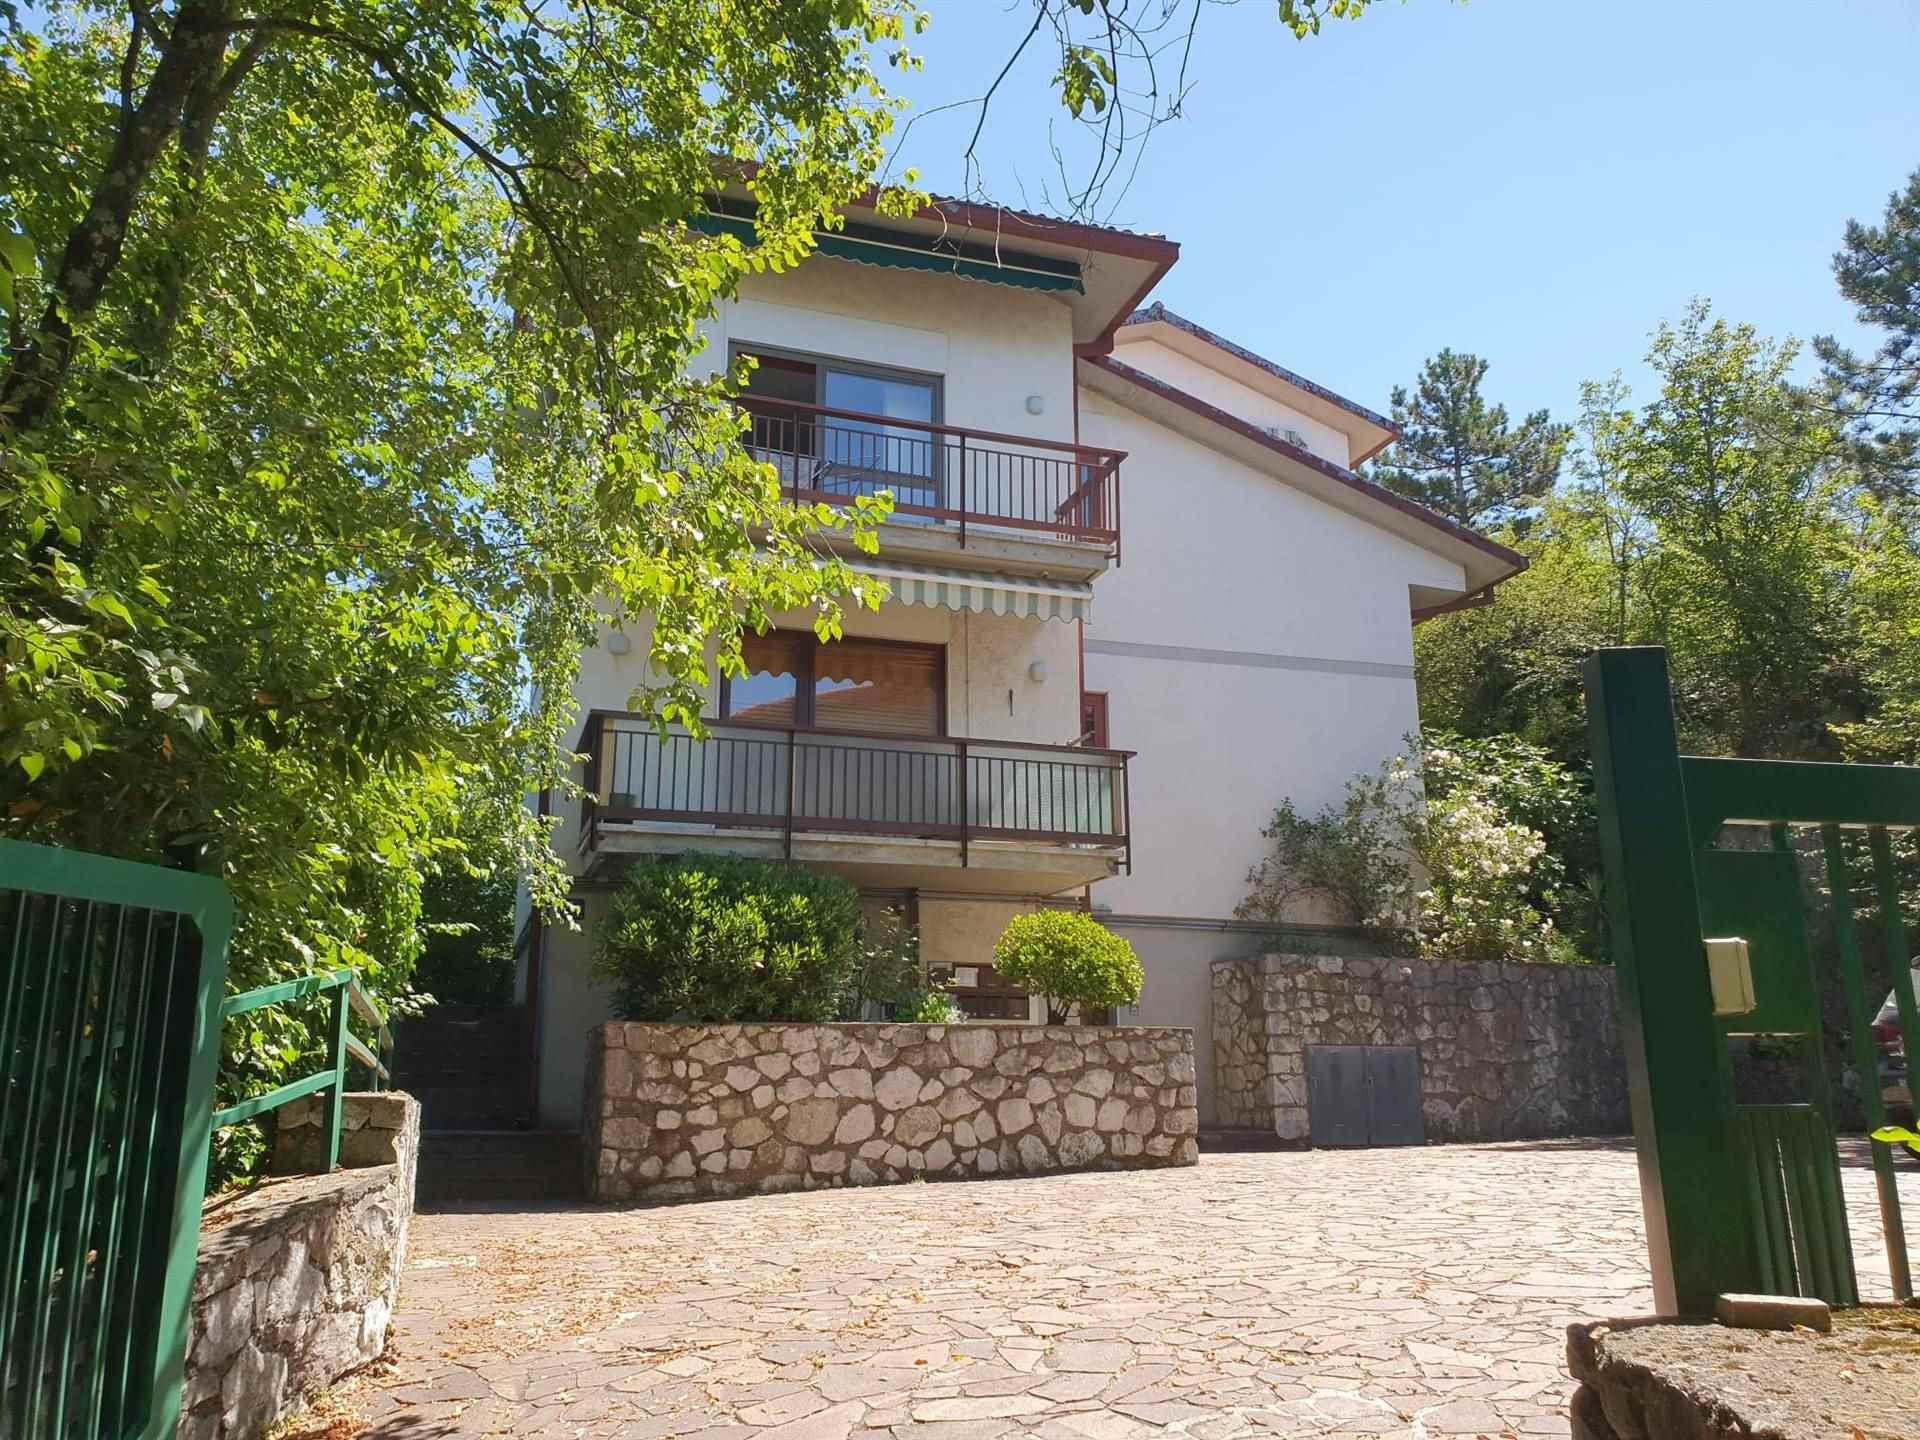 Appartamento in vendita a Duino-Aurisina, 5 locali, zona Zona: Sistiana, prezzo € 155.000   CambioCasa.it